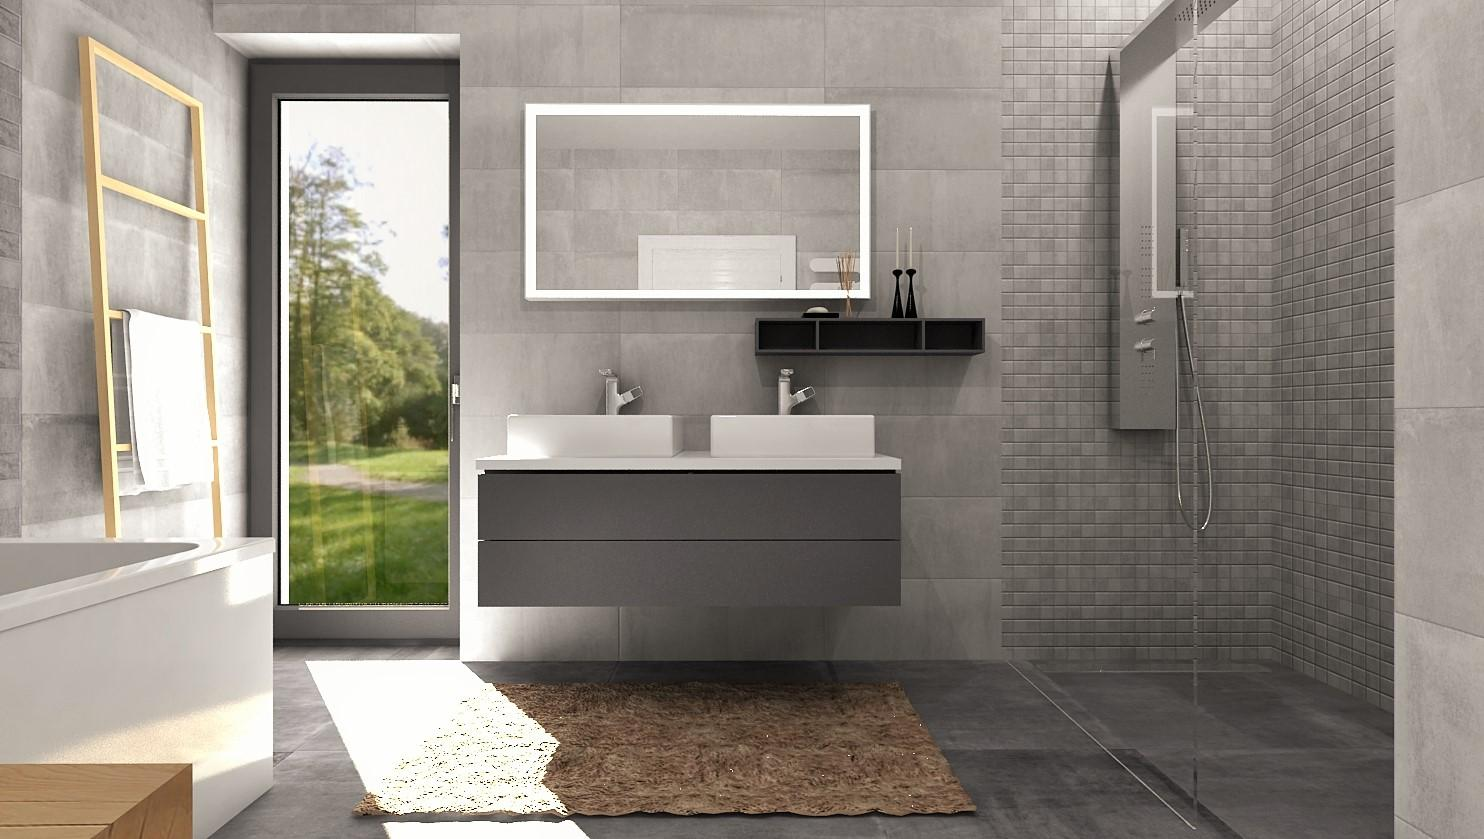 Návrhy a vizualizácie kúpeľní - Obrázok č. 76